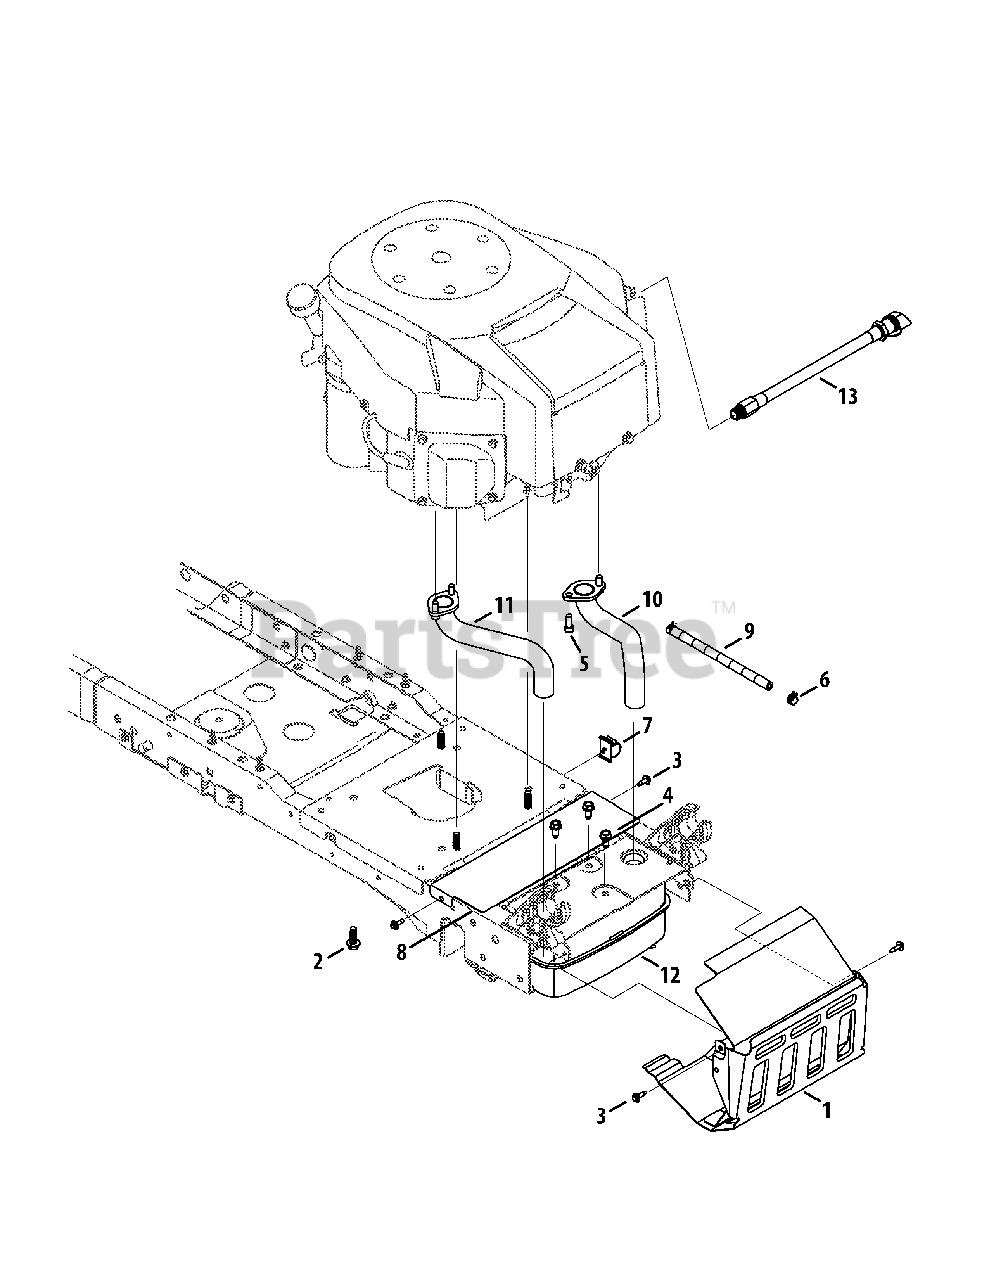 Cub Cadet Engine Diagram - seniorsclub.it visualdraw-joint -  visualdraw-joint.plus-haus.itvisualdraw-joint.plus-haus.it